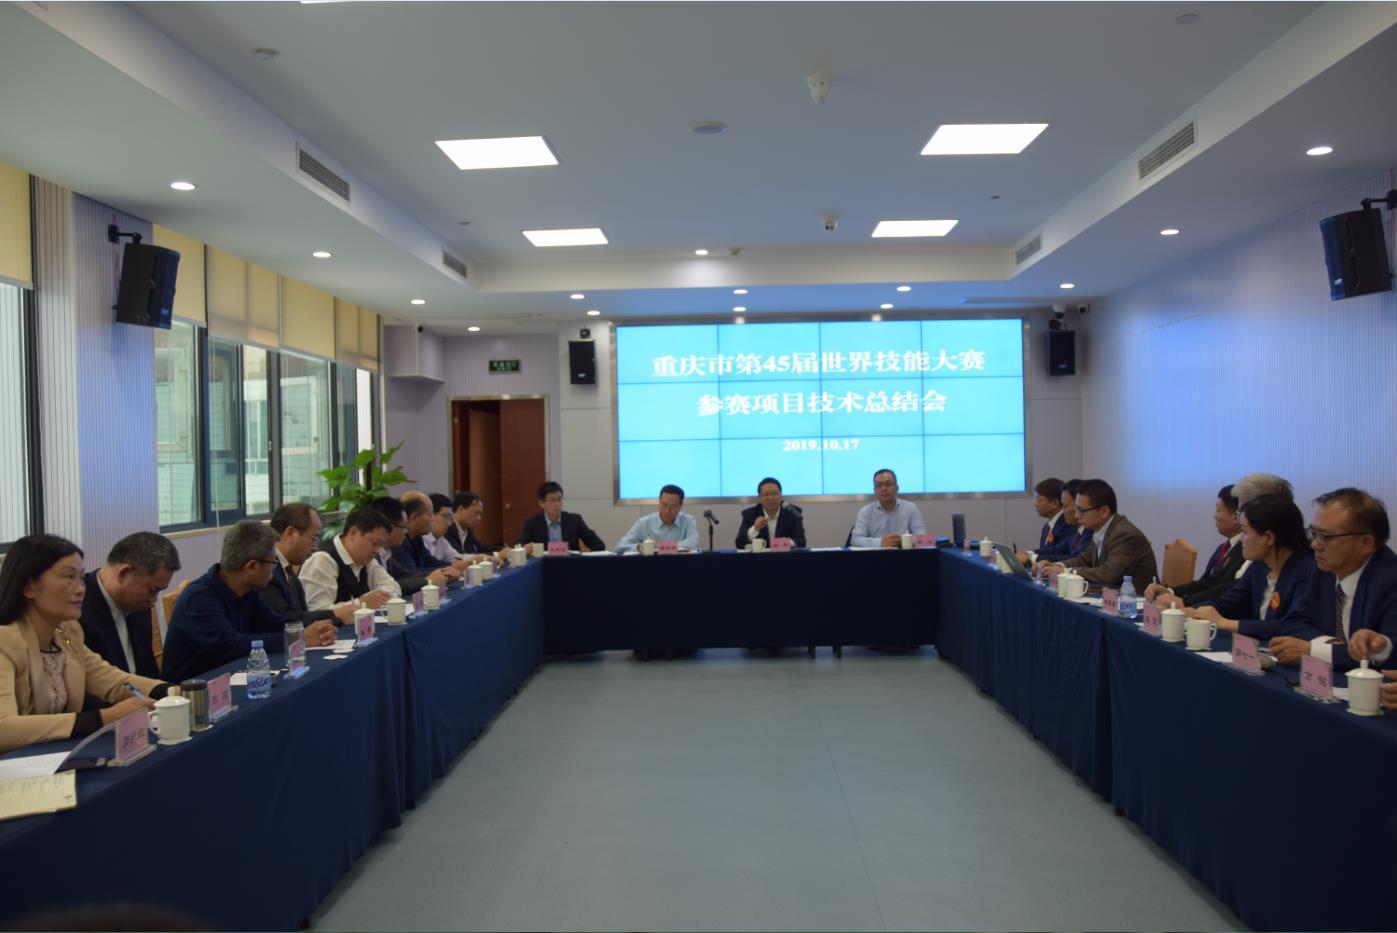 第45届世界技能大赛重庆参赛项目技术总结会顺利召开